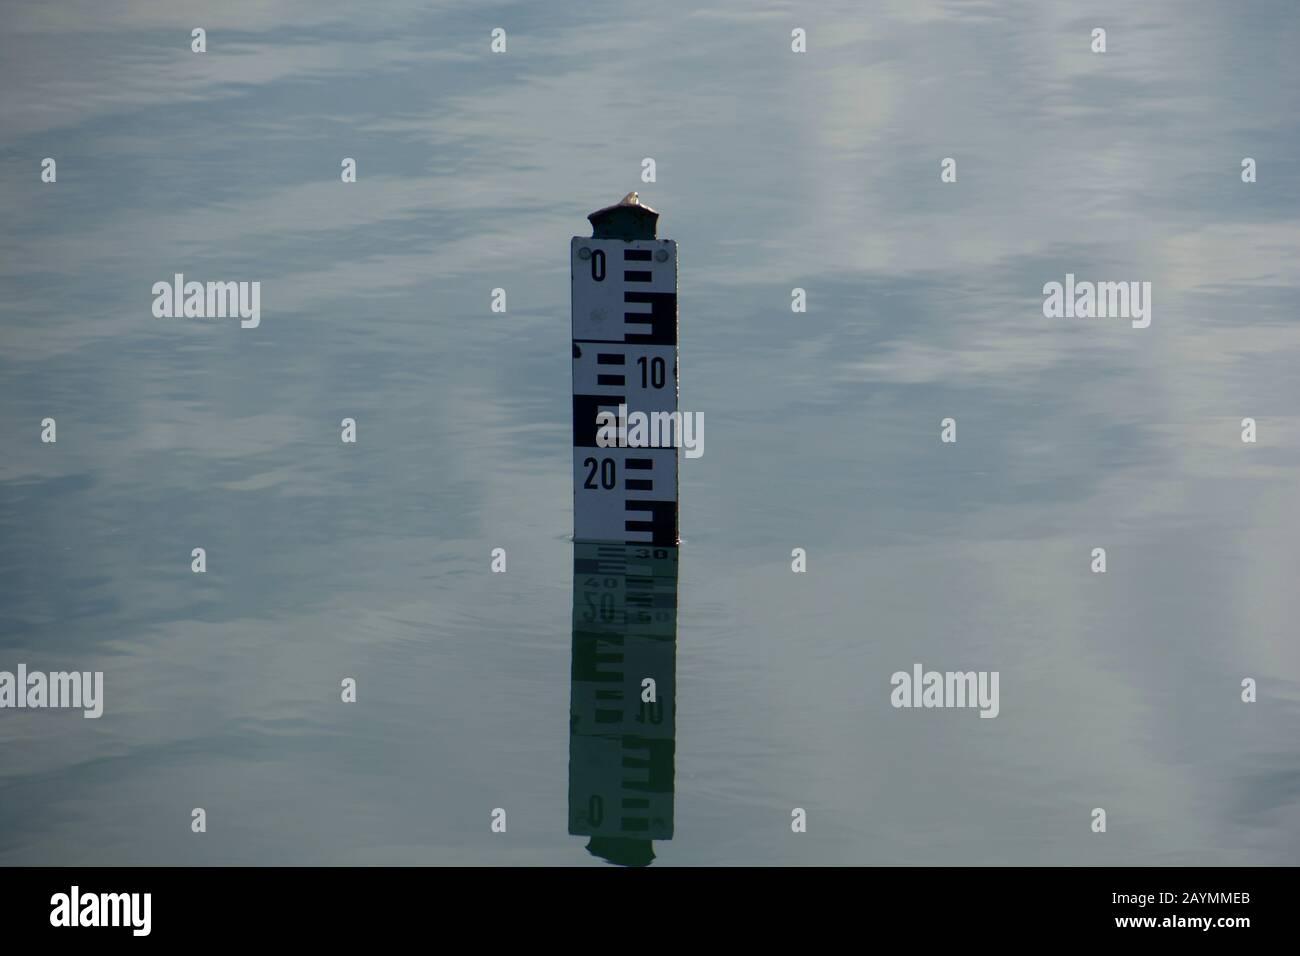 señal europea de profundidad del agua en la superficie del agua tranquila, el indicador de nivel del agua muestra la profundidad del agua en un lago Foto de stock